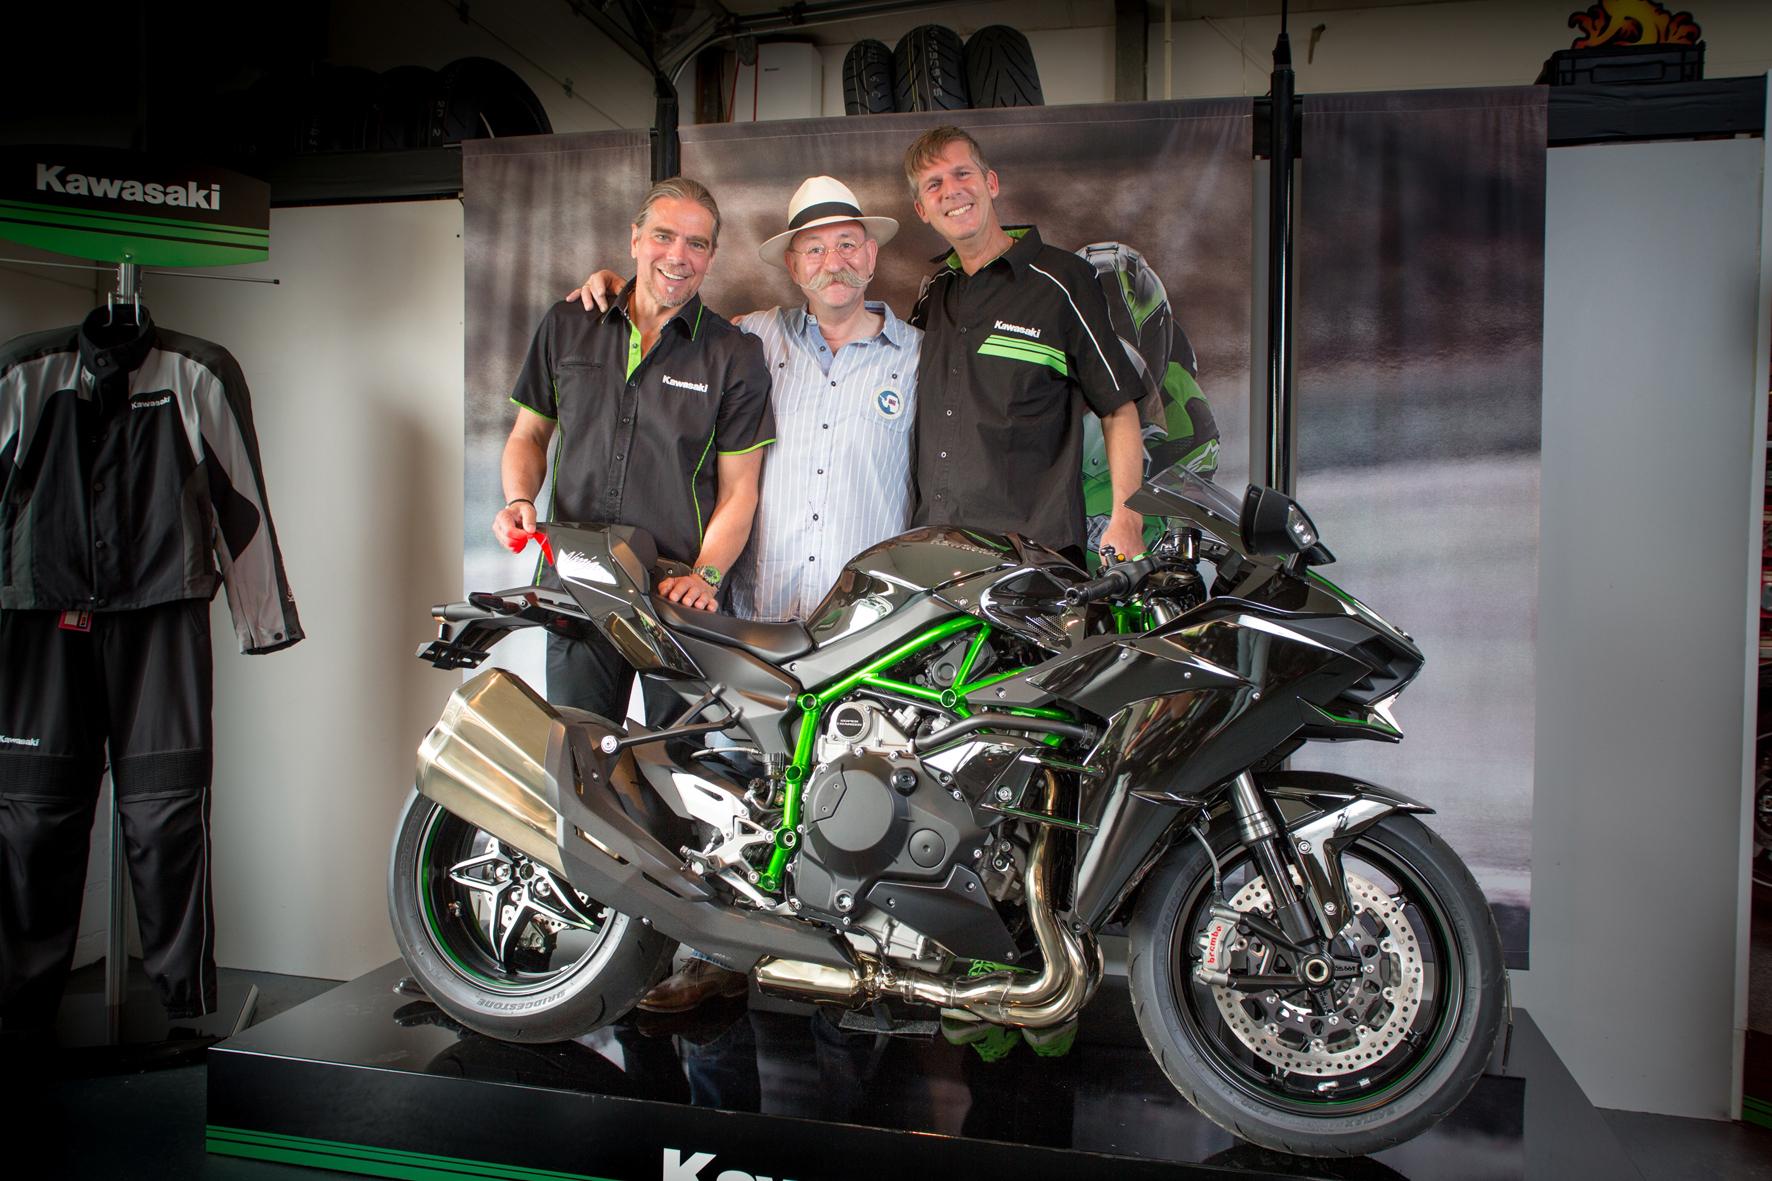 mid Düsseldorf - Horst Lichter freut sich über den neuesten Zugang in seiner Garage: eine Kawasaki Ninja H2 mit 200 PS und 320 km/h Topspeed.